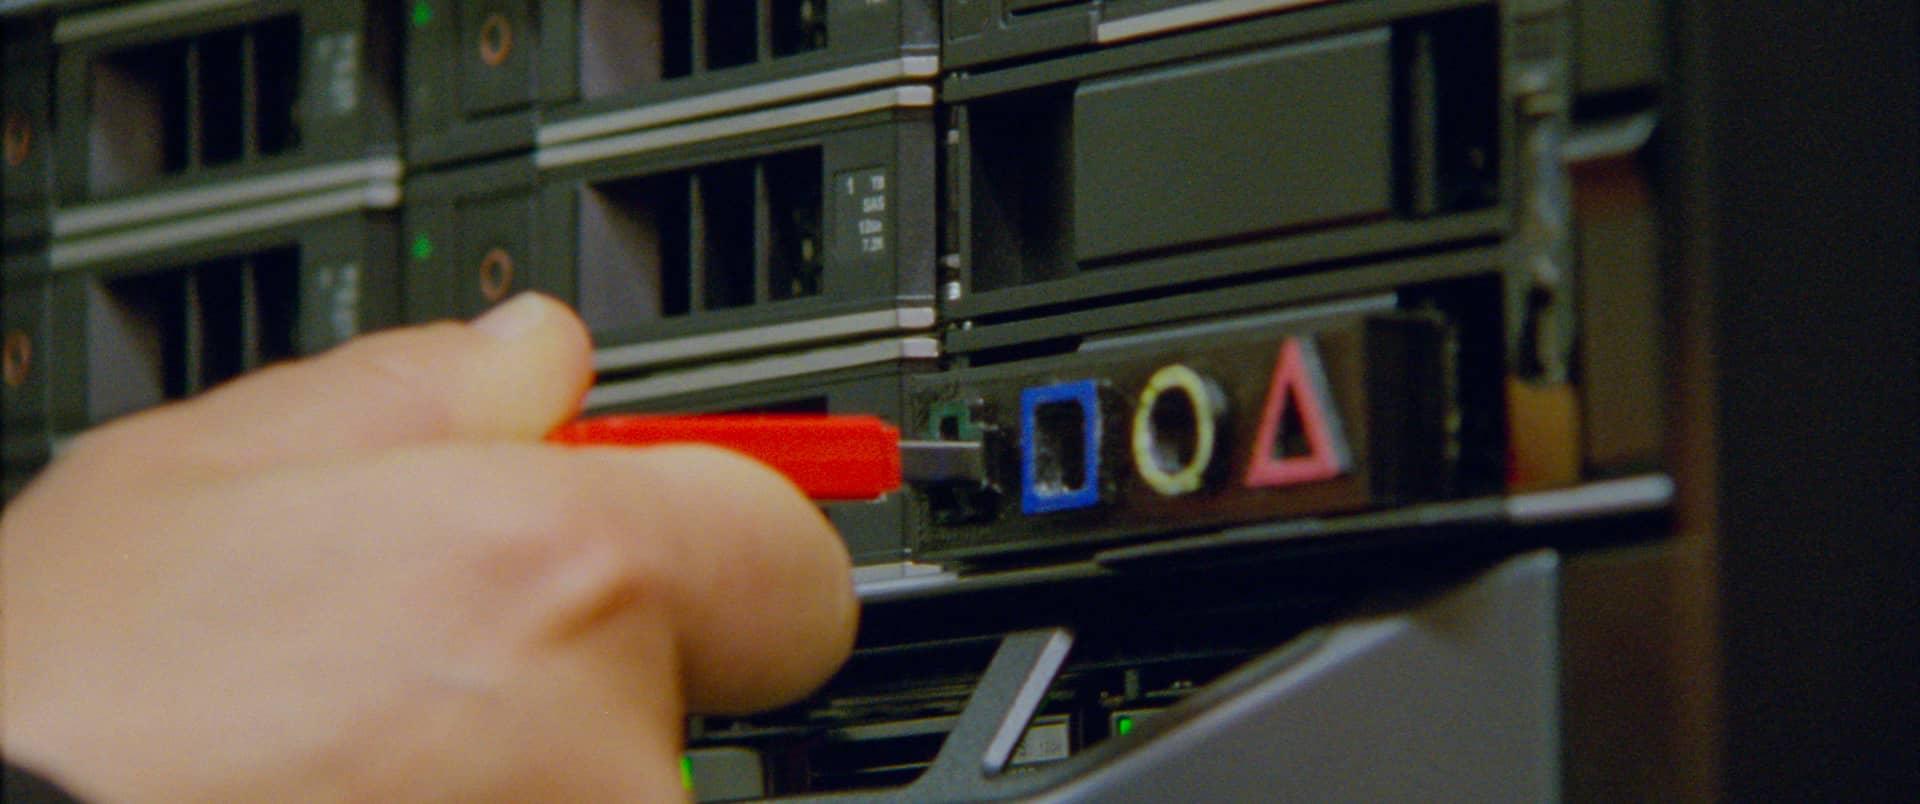 Imprevisti Digitali: le gag